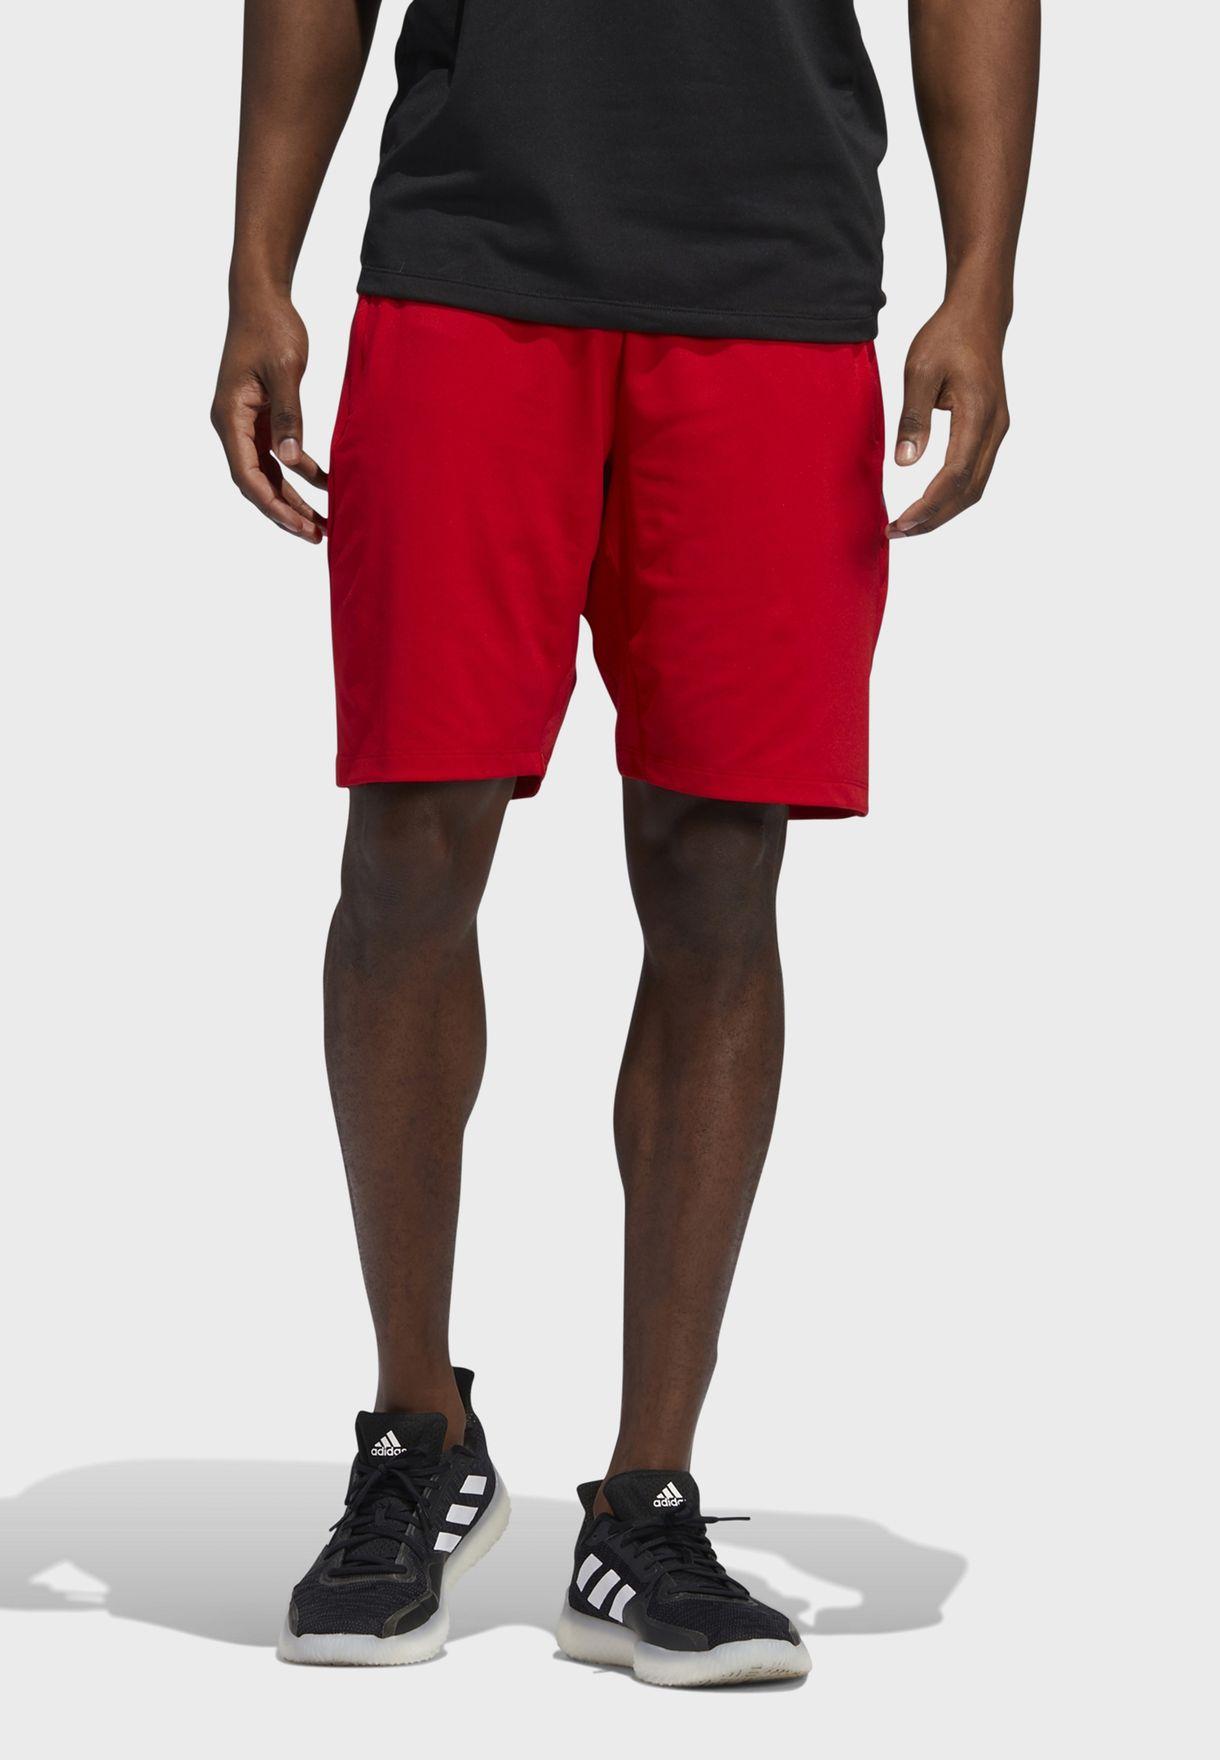 Tokyo Olympics BOS Shorts